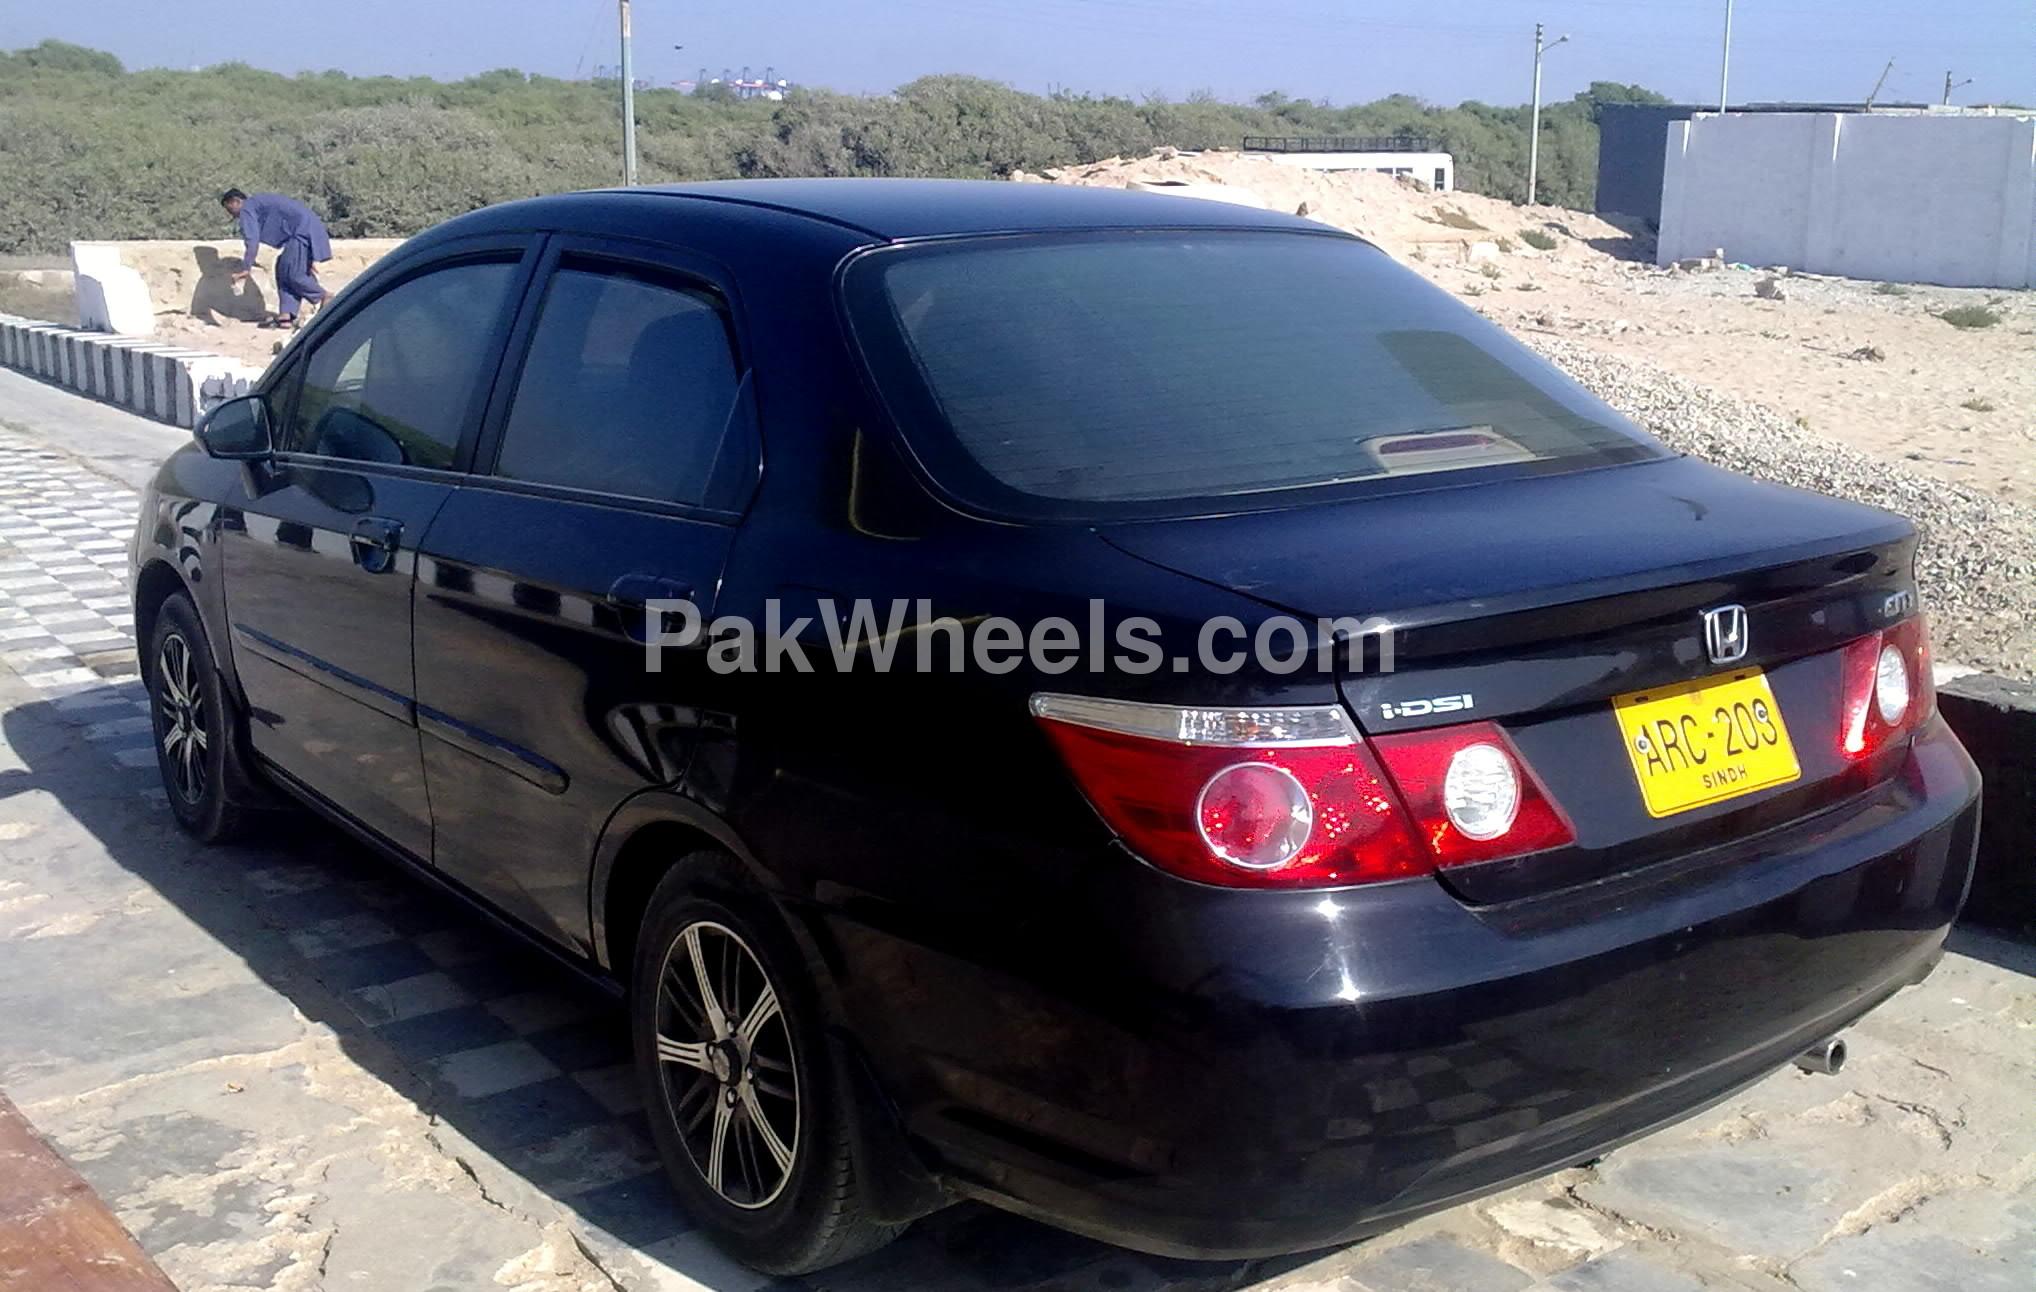 Used Honda City i-DSI 2008 Car for sale in Karachi ...